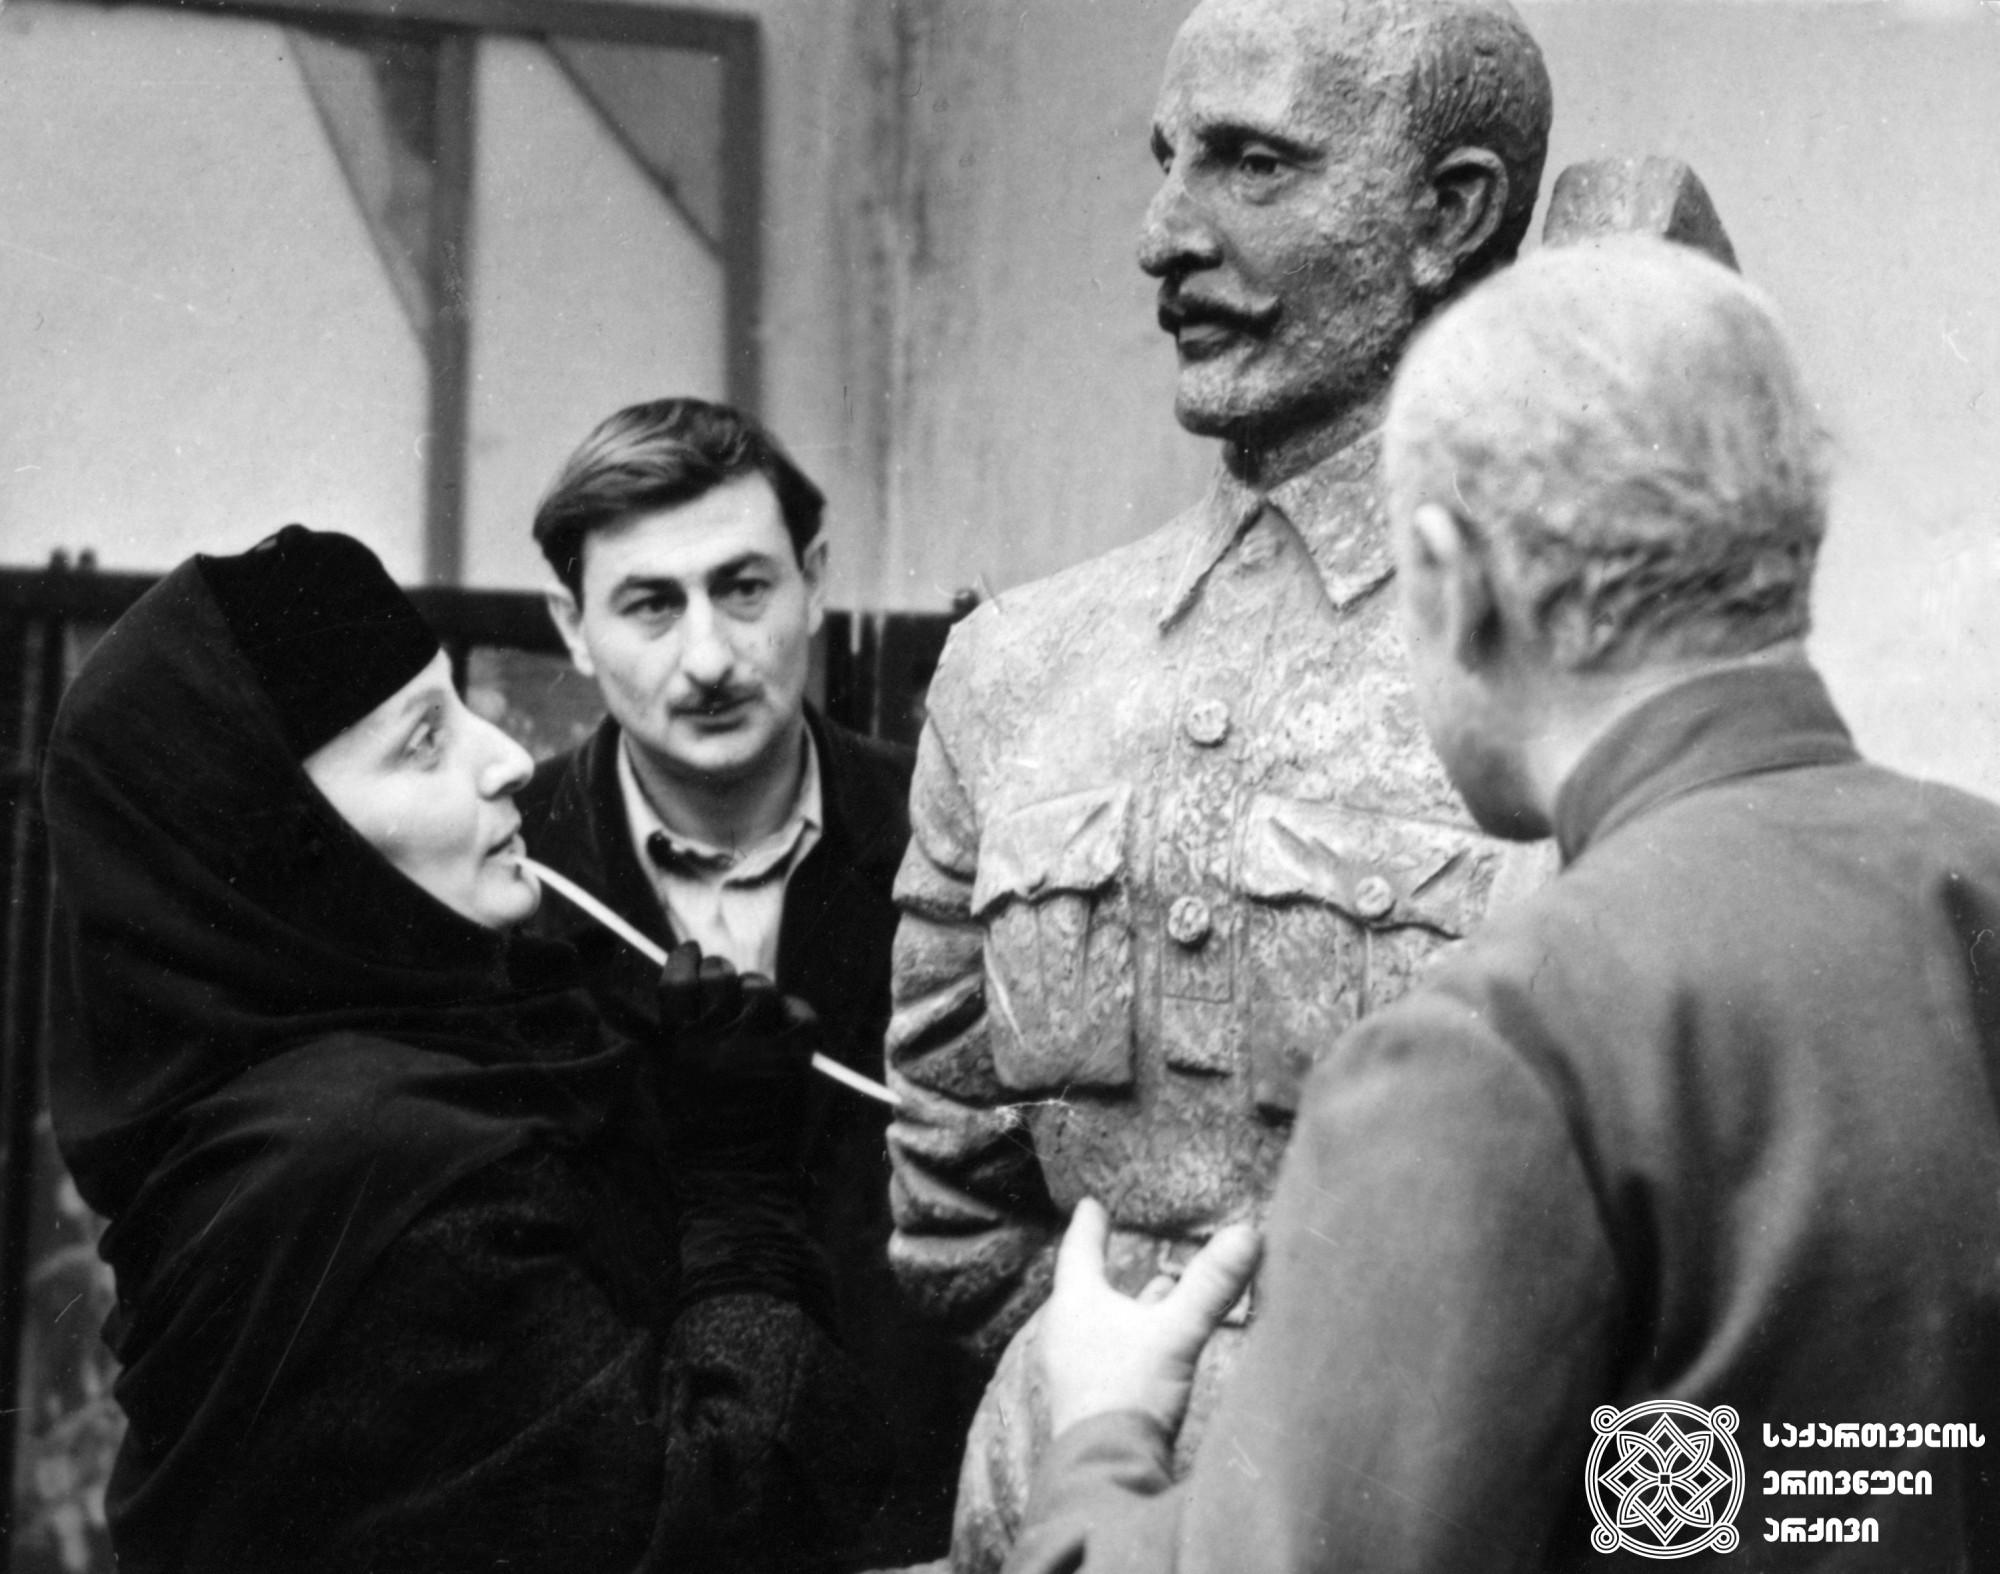 """მხატვრული ფილმი """"არაჩვეულებრივი გამოფენა"""", მსახიობი გურამ ლორთქიფანიძე, სალომე ყანჩელი და ვასილ ჩხაიძე გადასაღებ მოედანზე. <br> რეჟისორი: ელდარ შენგელაია. <br> 1968.   Feature film """"Un Unusual Exhibition"""", Guram Lortkiphanidze, Salome Kancheli and Vasil Chkhaidze on the filming location. <br> Director: Eldar Shengelaia. <br> 1968."""